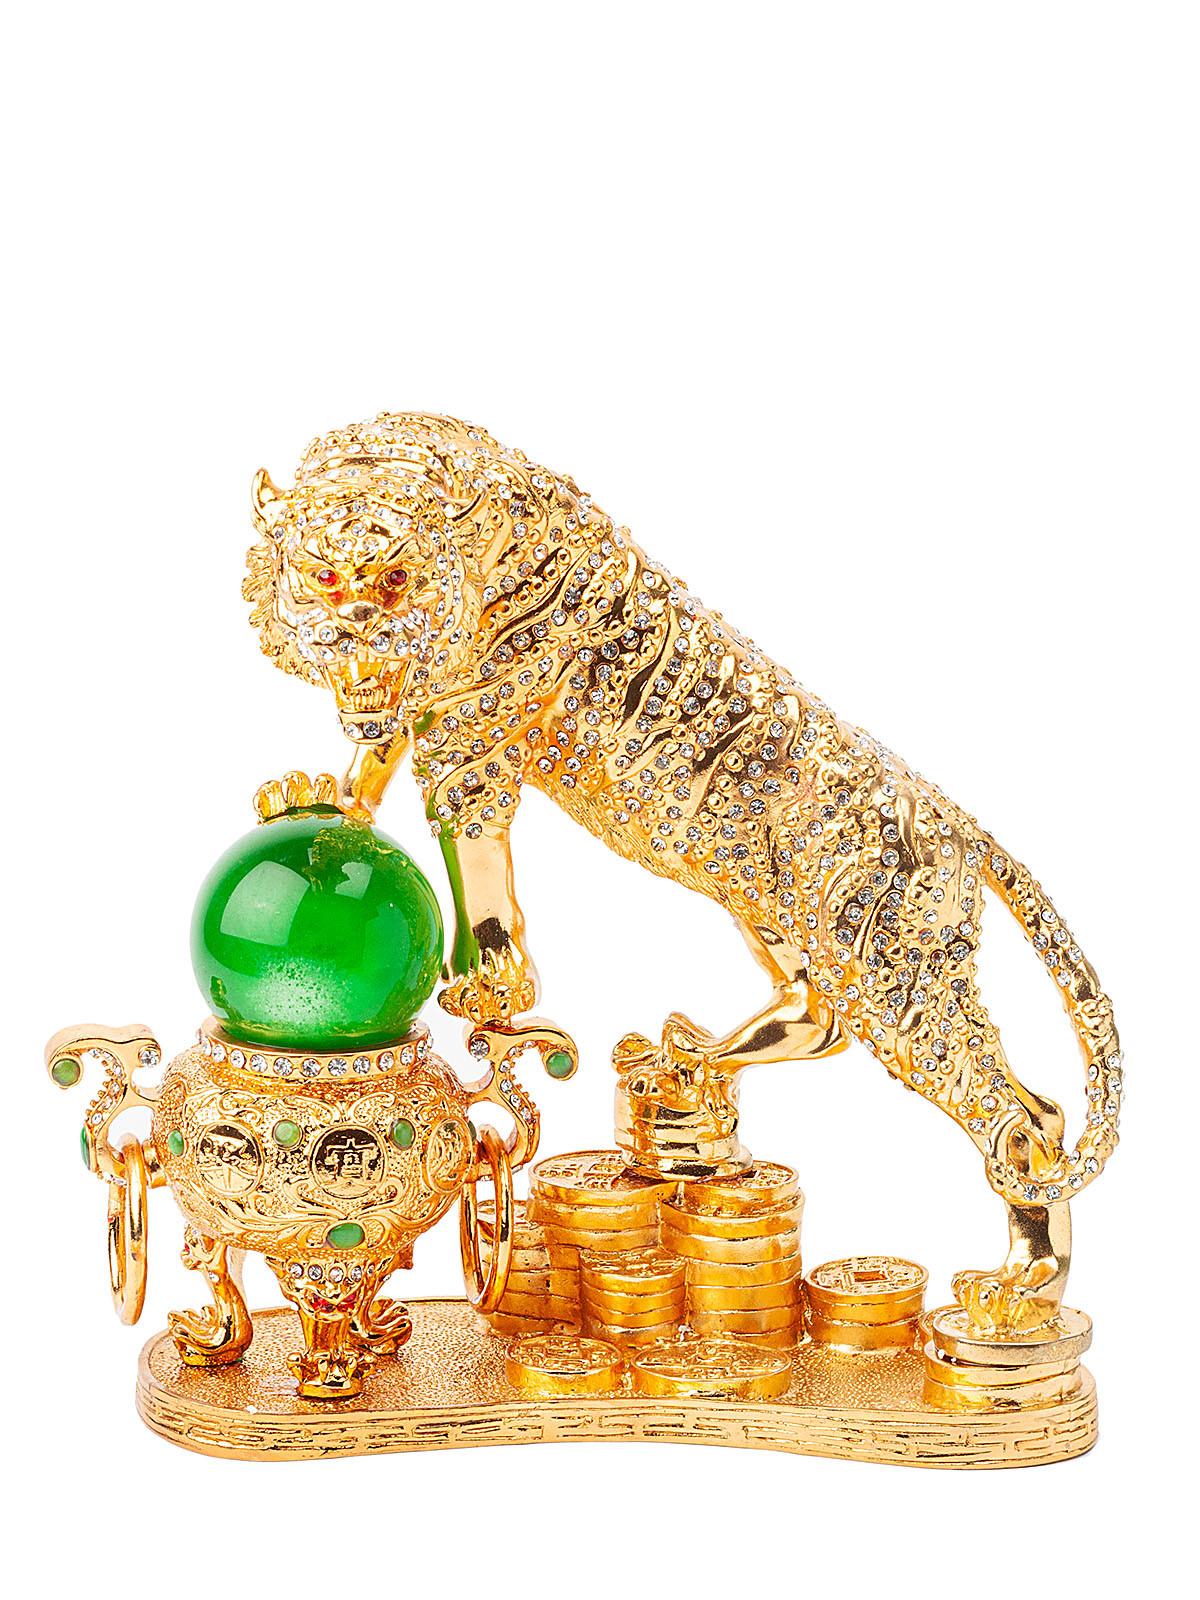 Статуэтка сувенирная Тигр S-10000 золотистый